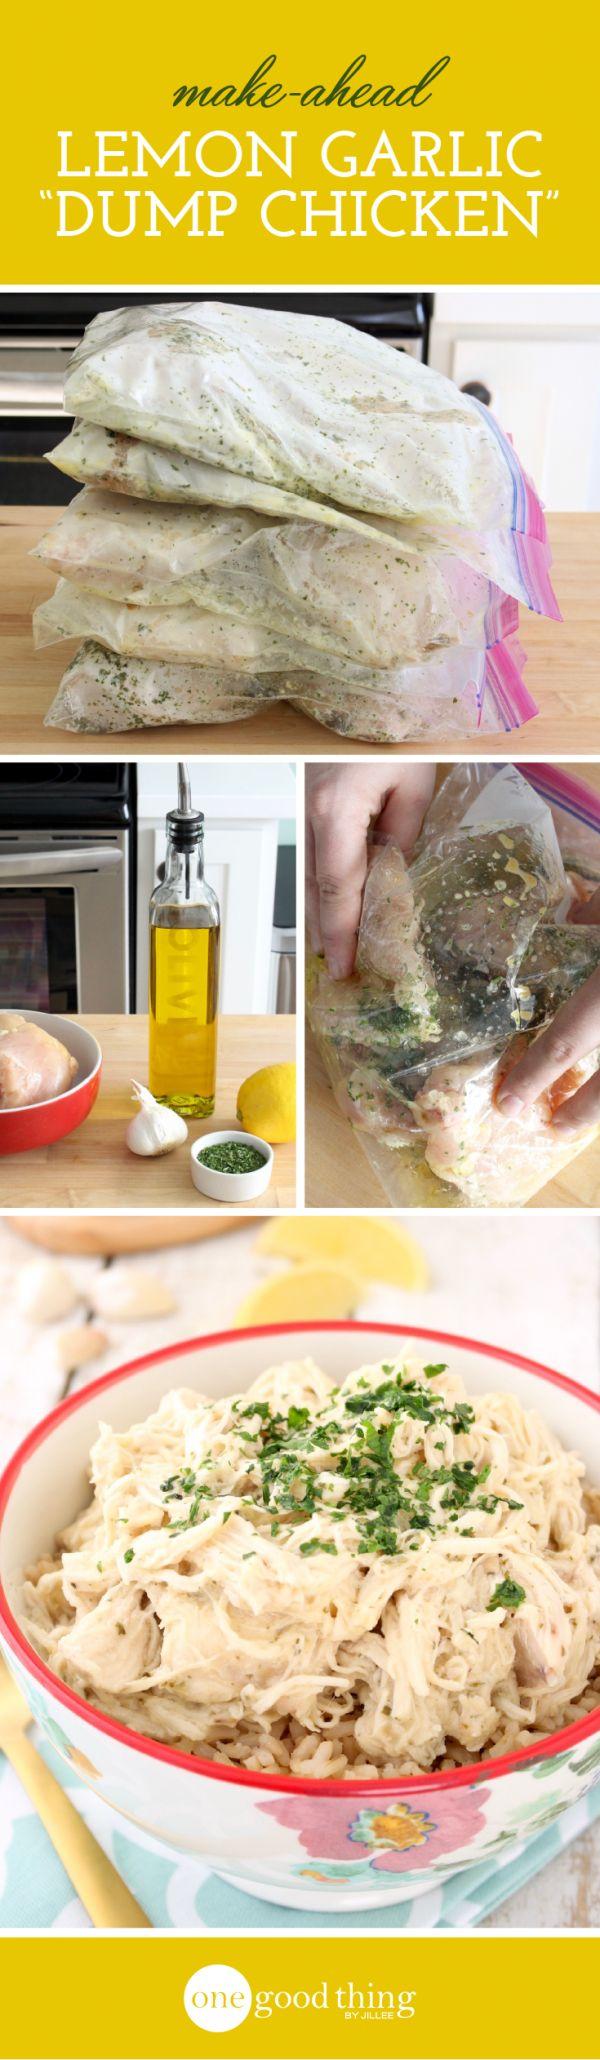 Lemon Garlic Dump Chicken -- freezer, slow cooker, or bake